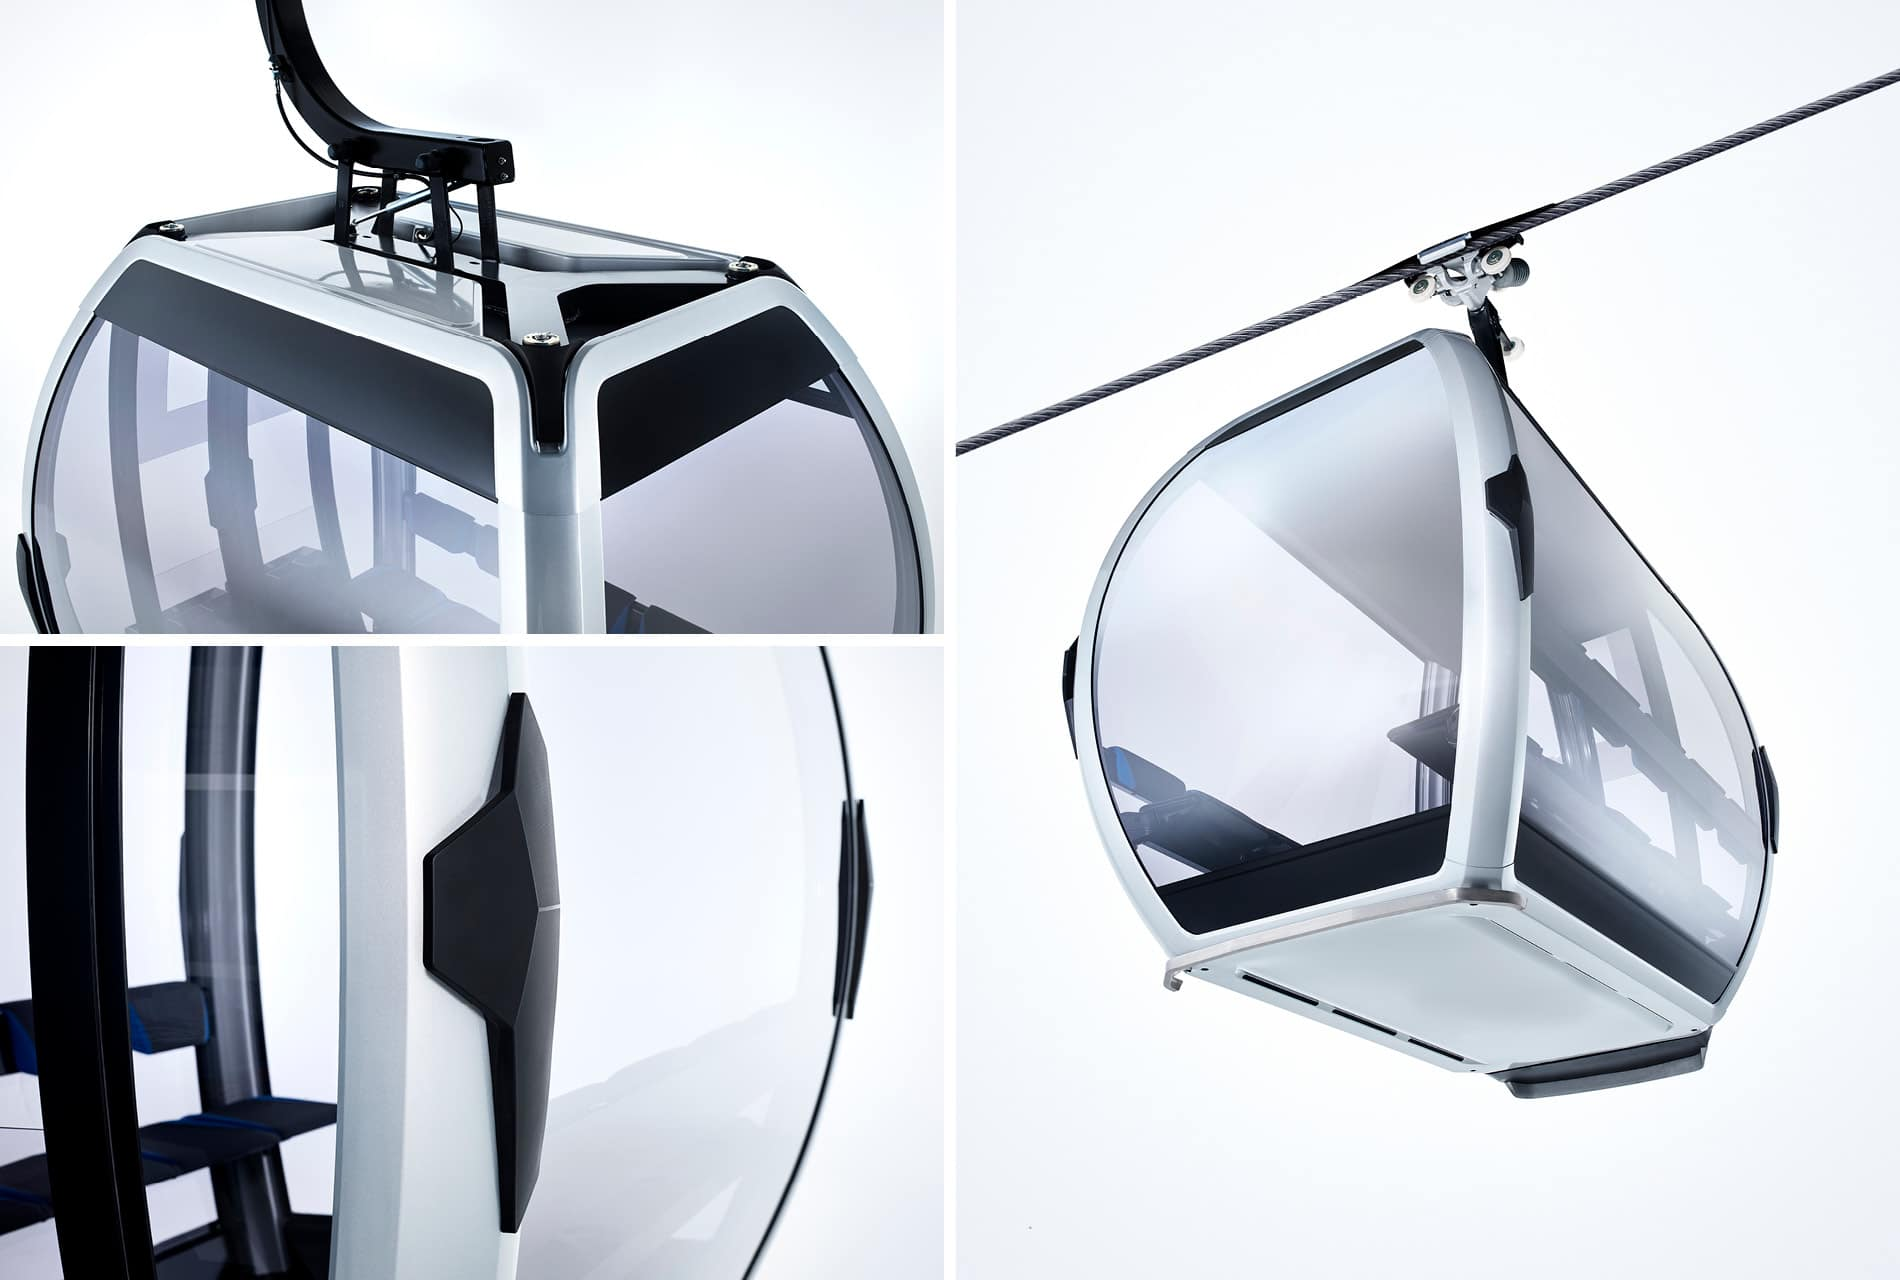 Industriedesign der Seilbahn-Kabine OMEGA V von Doppelmayr